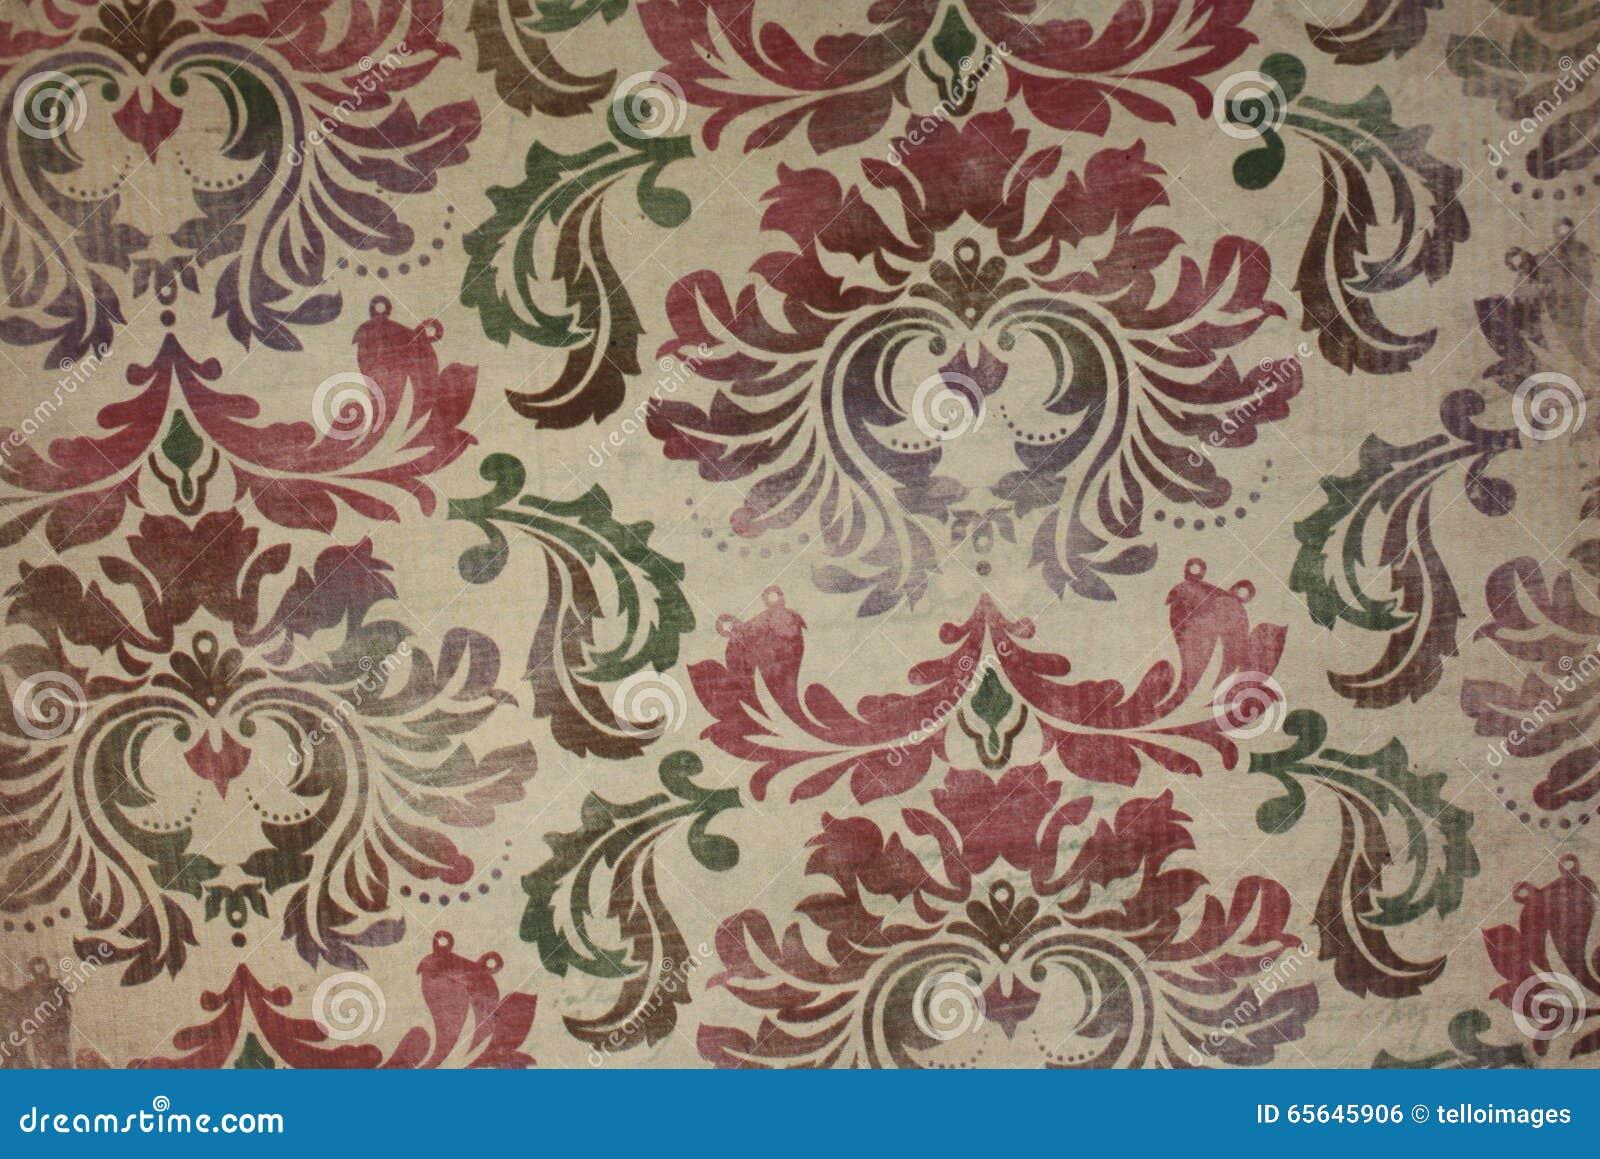 Fond floral de modèle de papier peint de vintage